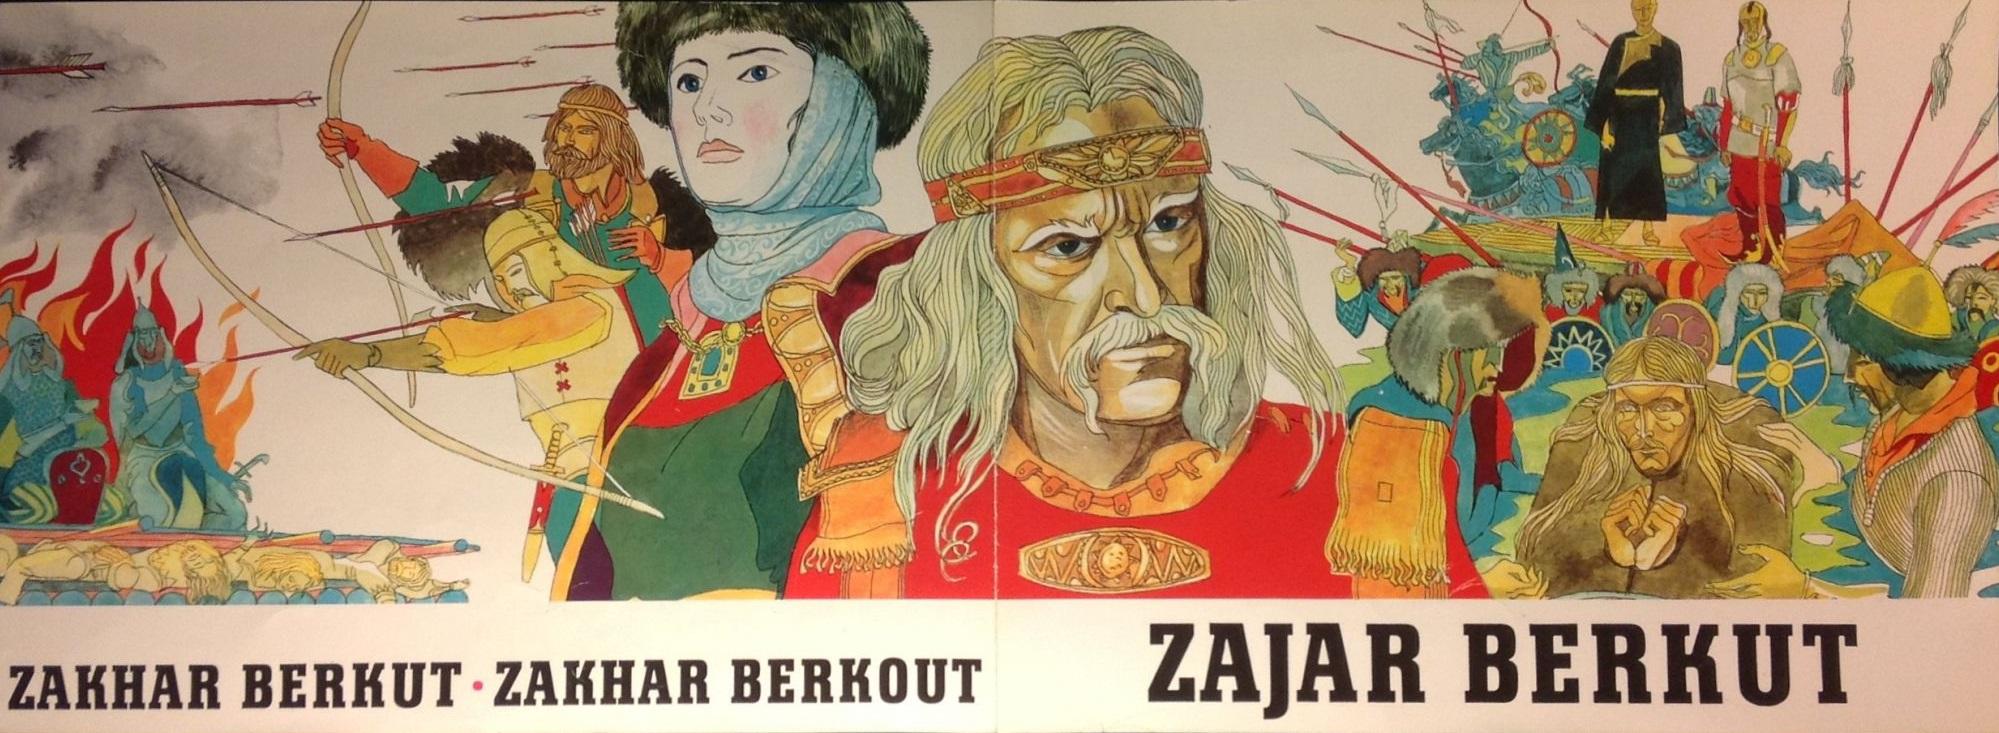 Zakhar_Berkut_(Sovexportfilm_wide_poster_1972)